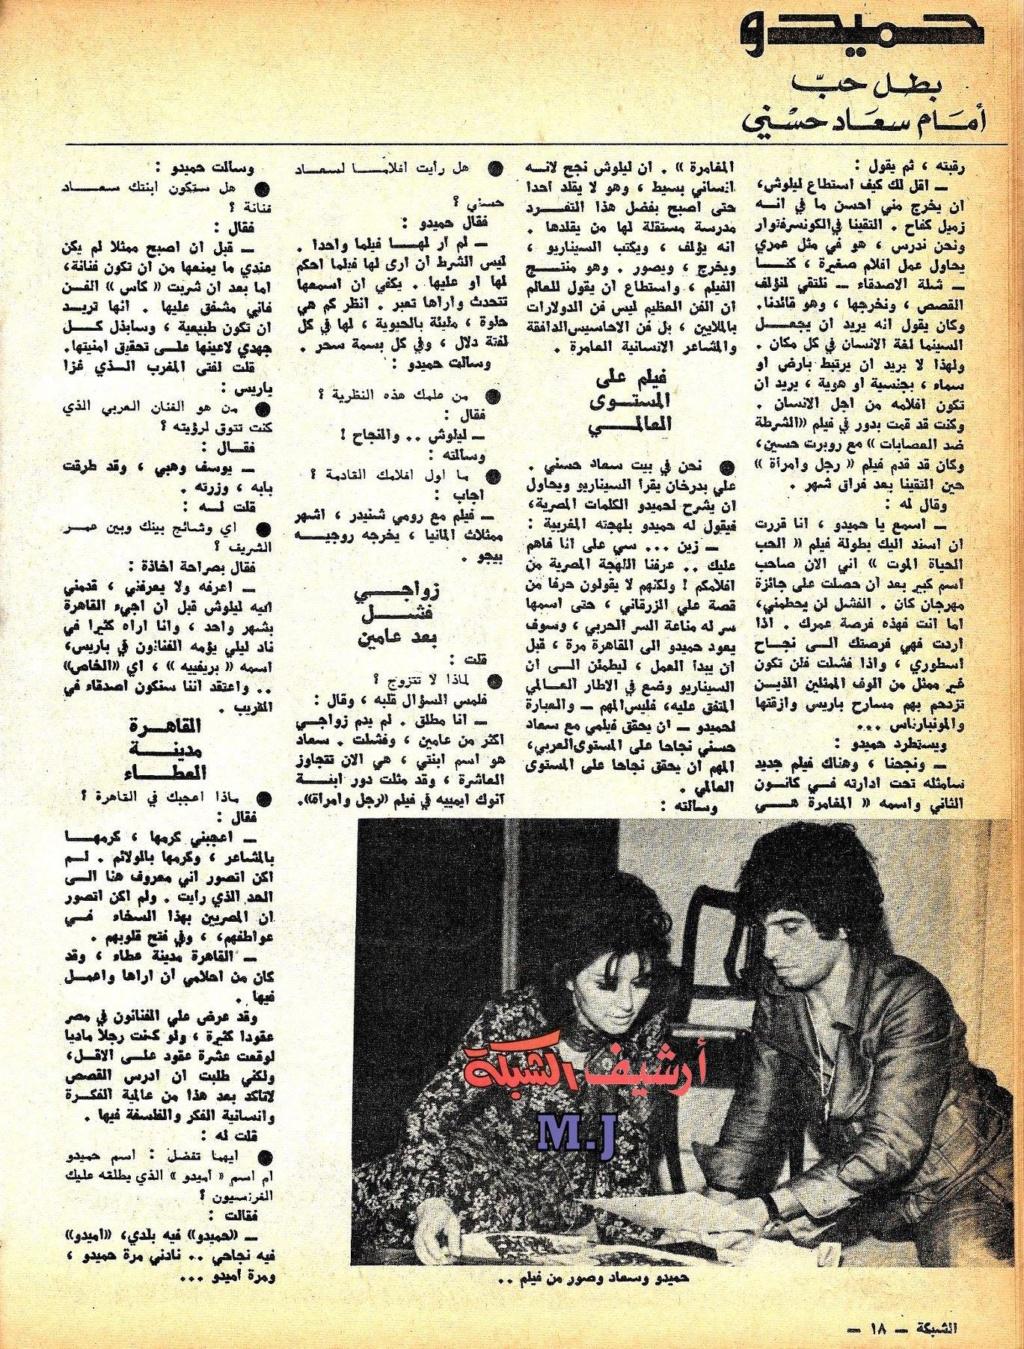 صحفي - مقال صحفي : حميدو بطل حب أمام سعاد حسني 1971 م 326